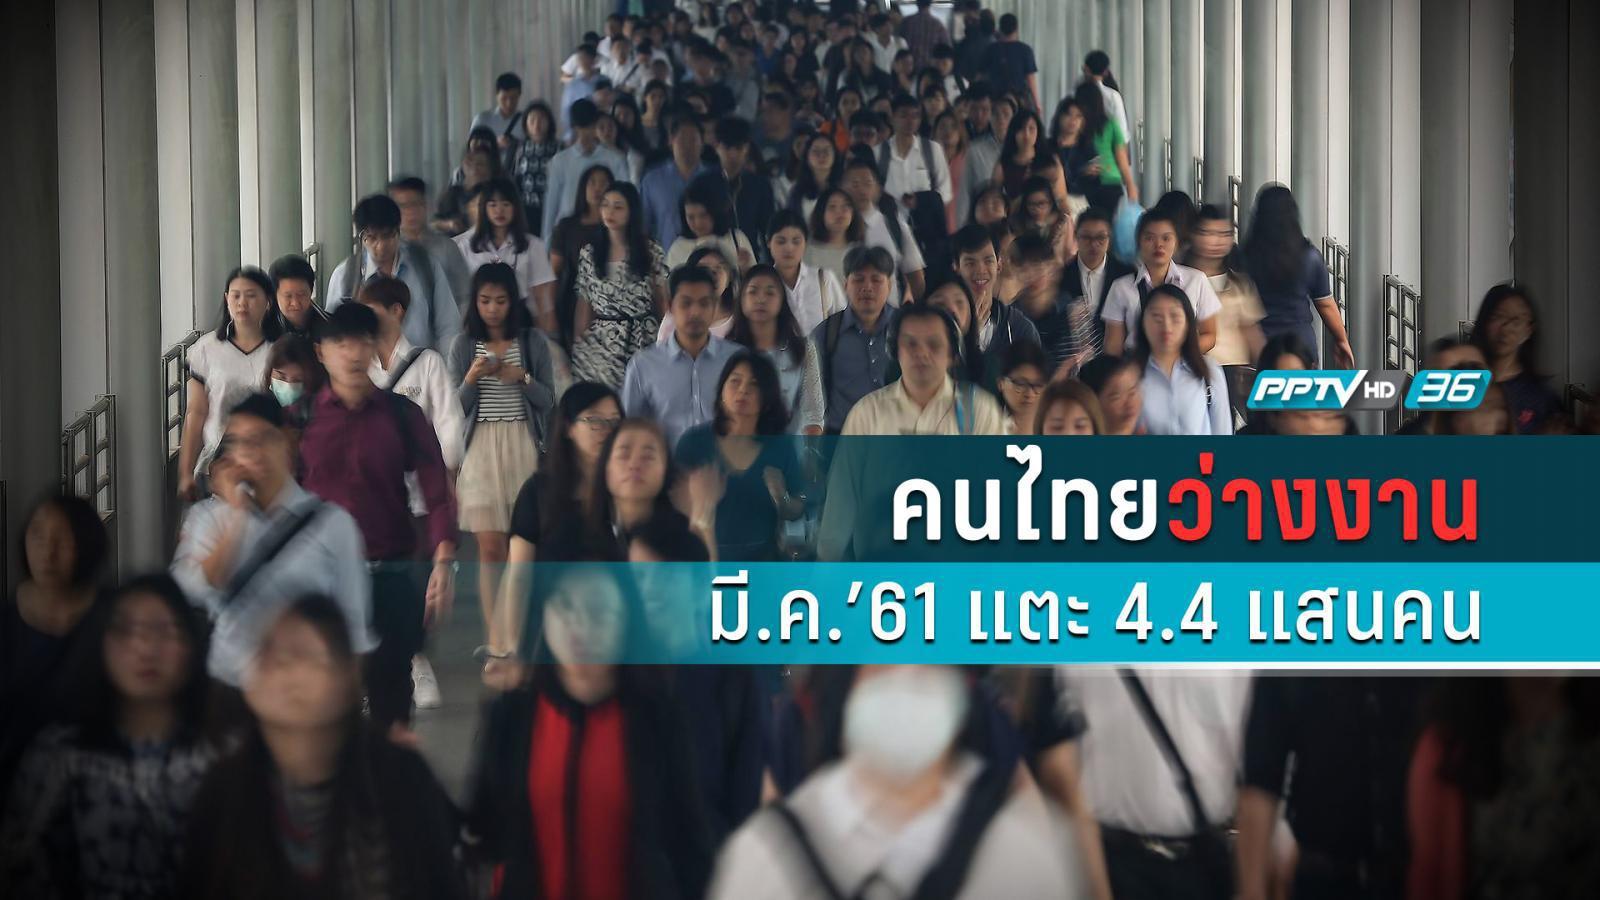 """สถิติคนไทยว่างงาน มี.ค.'61 แตะ 4.4 แสนคน ส่วนใหญ่ """"ลาออก"""""""